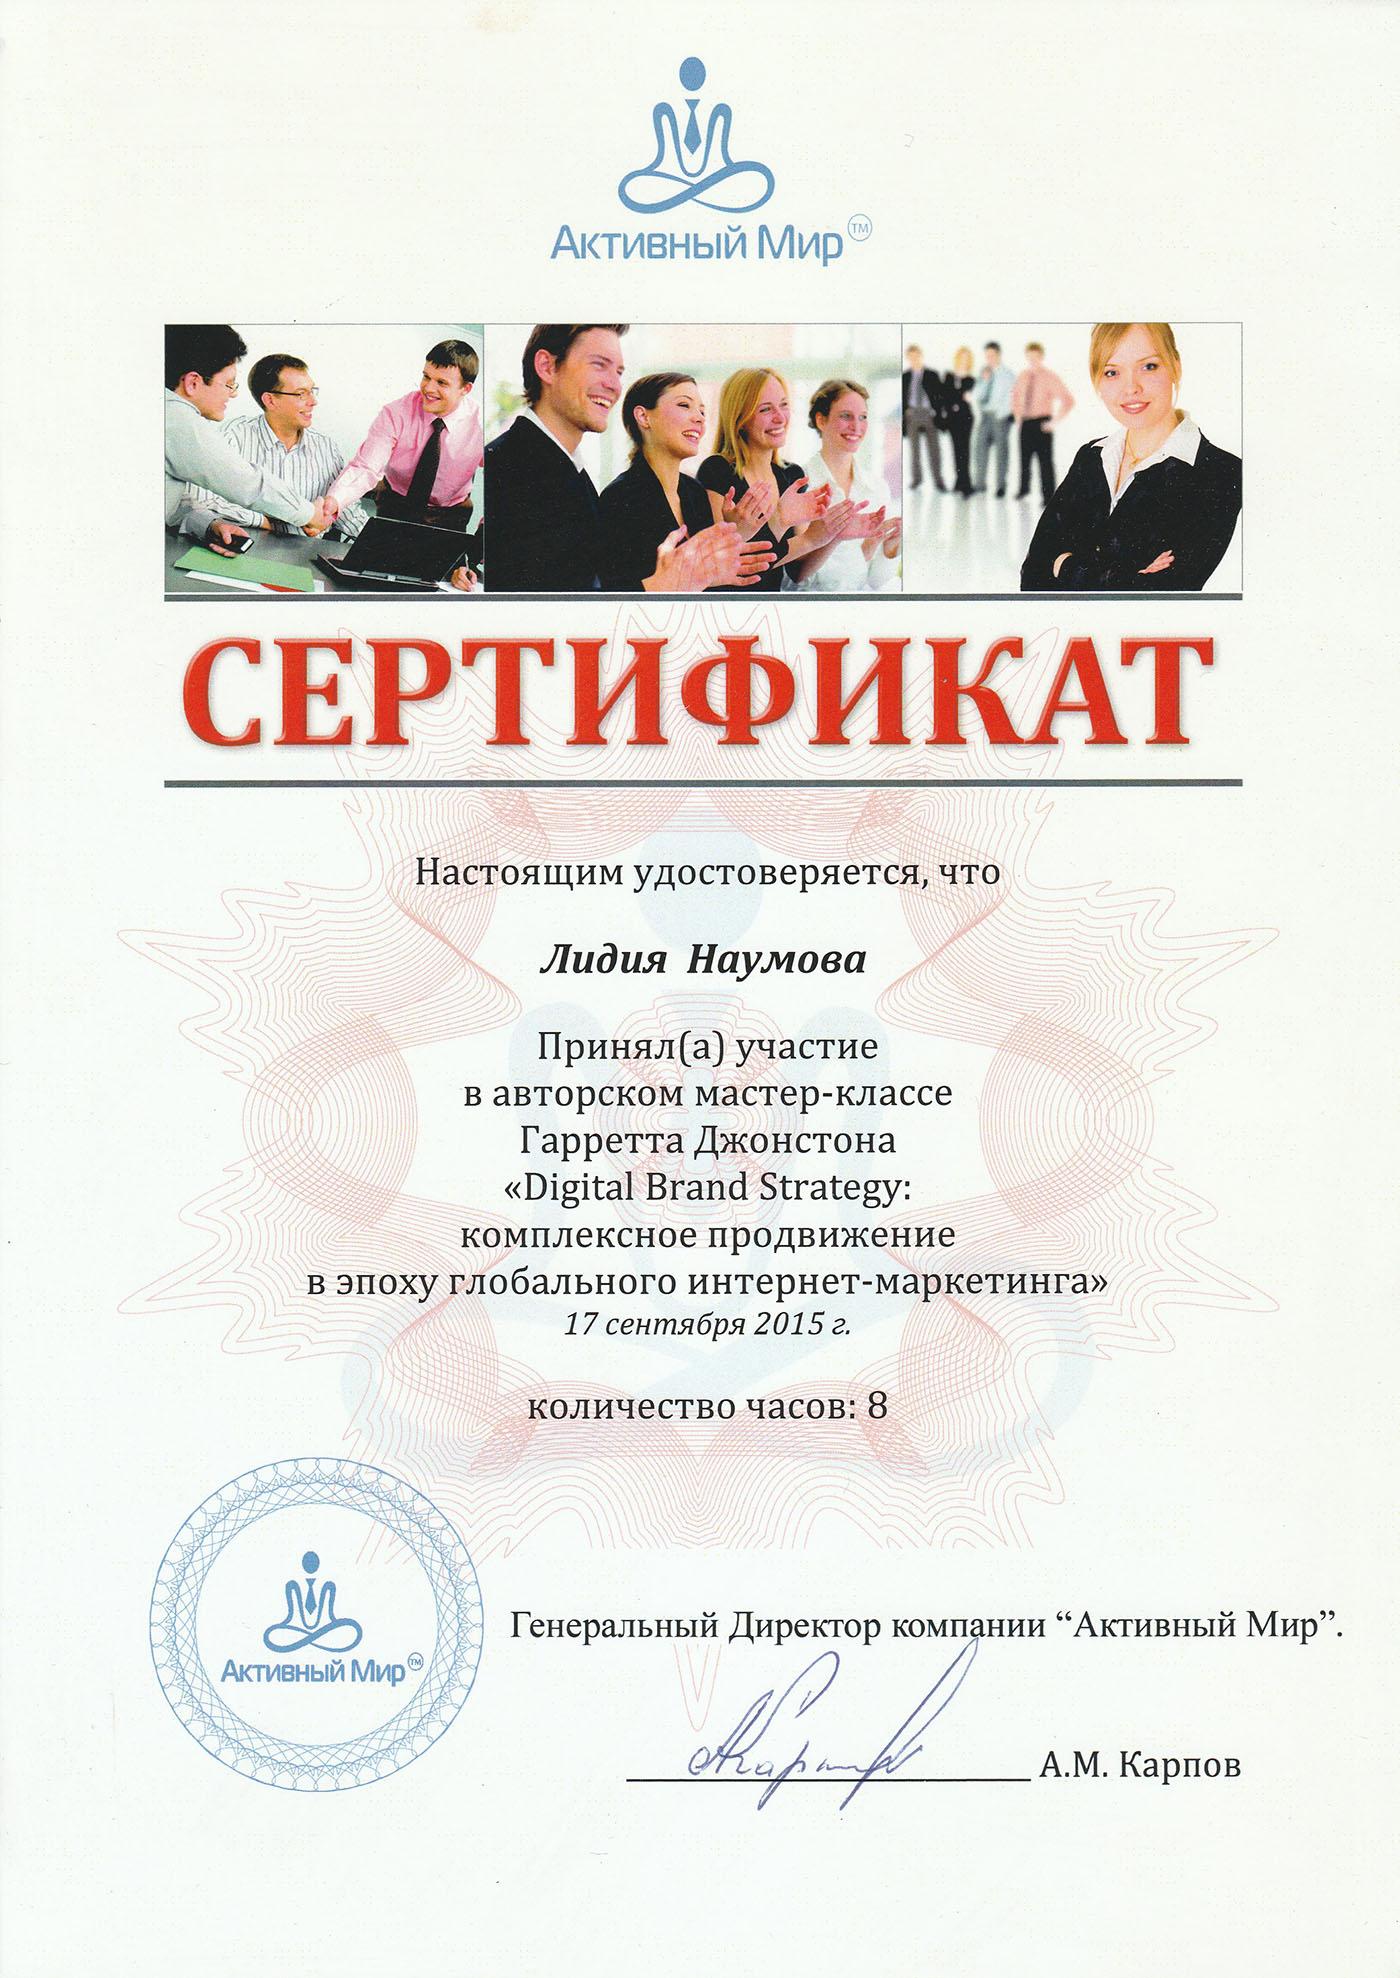 Лидия Наумова - Сертификат - Digital Brand Strategy: комплексное продвижение в эпоху глобального интернет-маркетинга